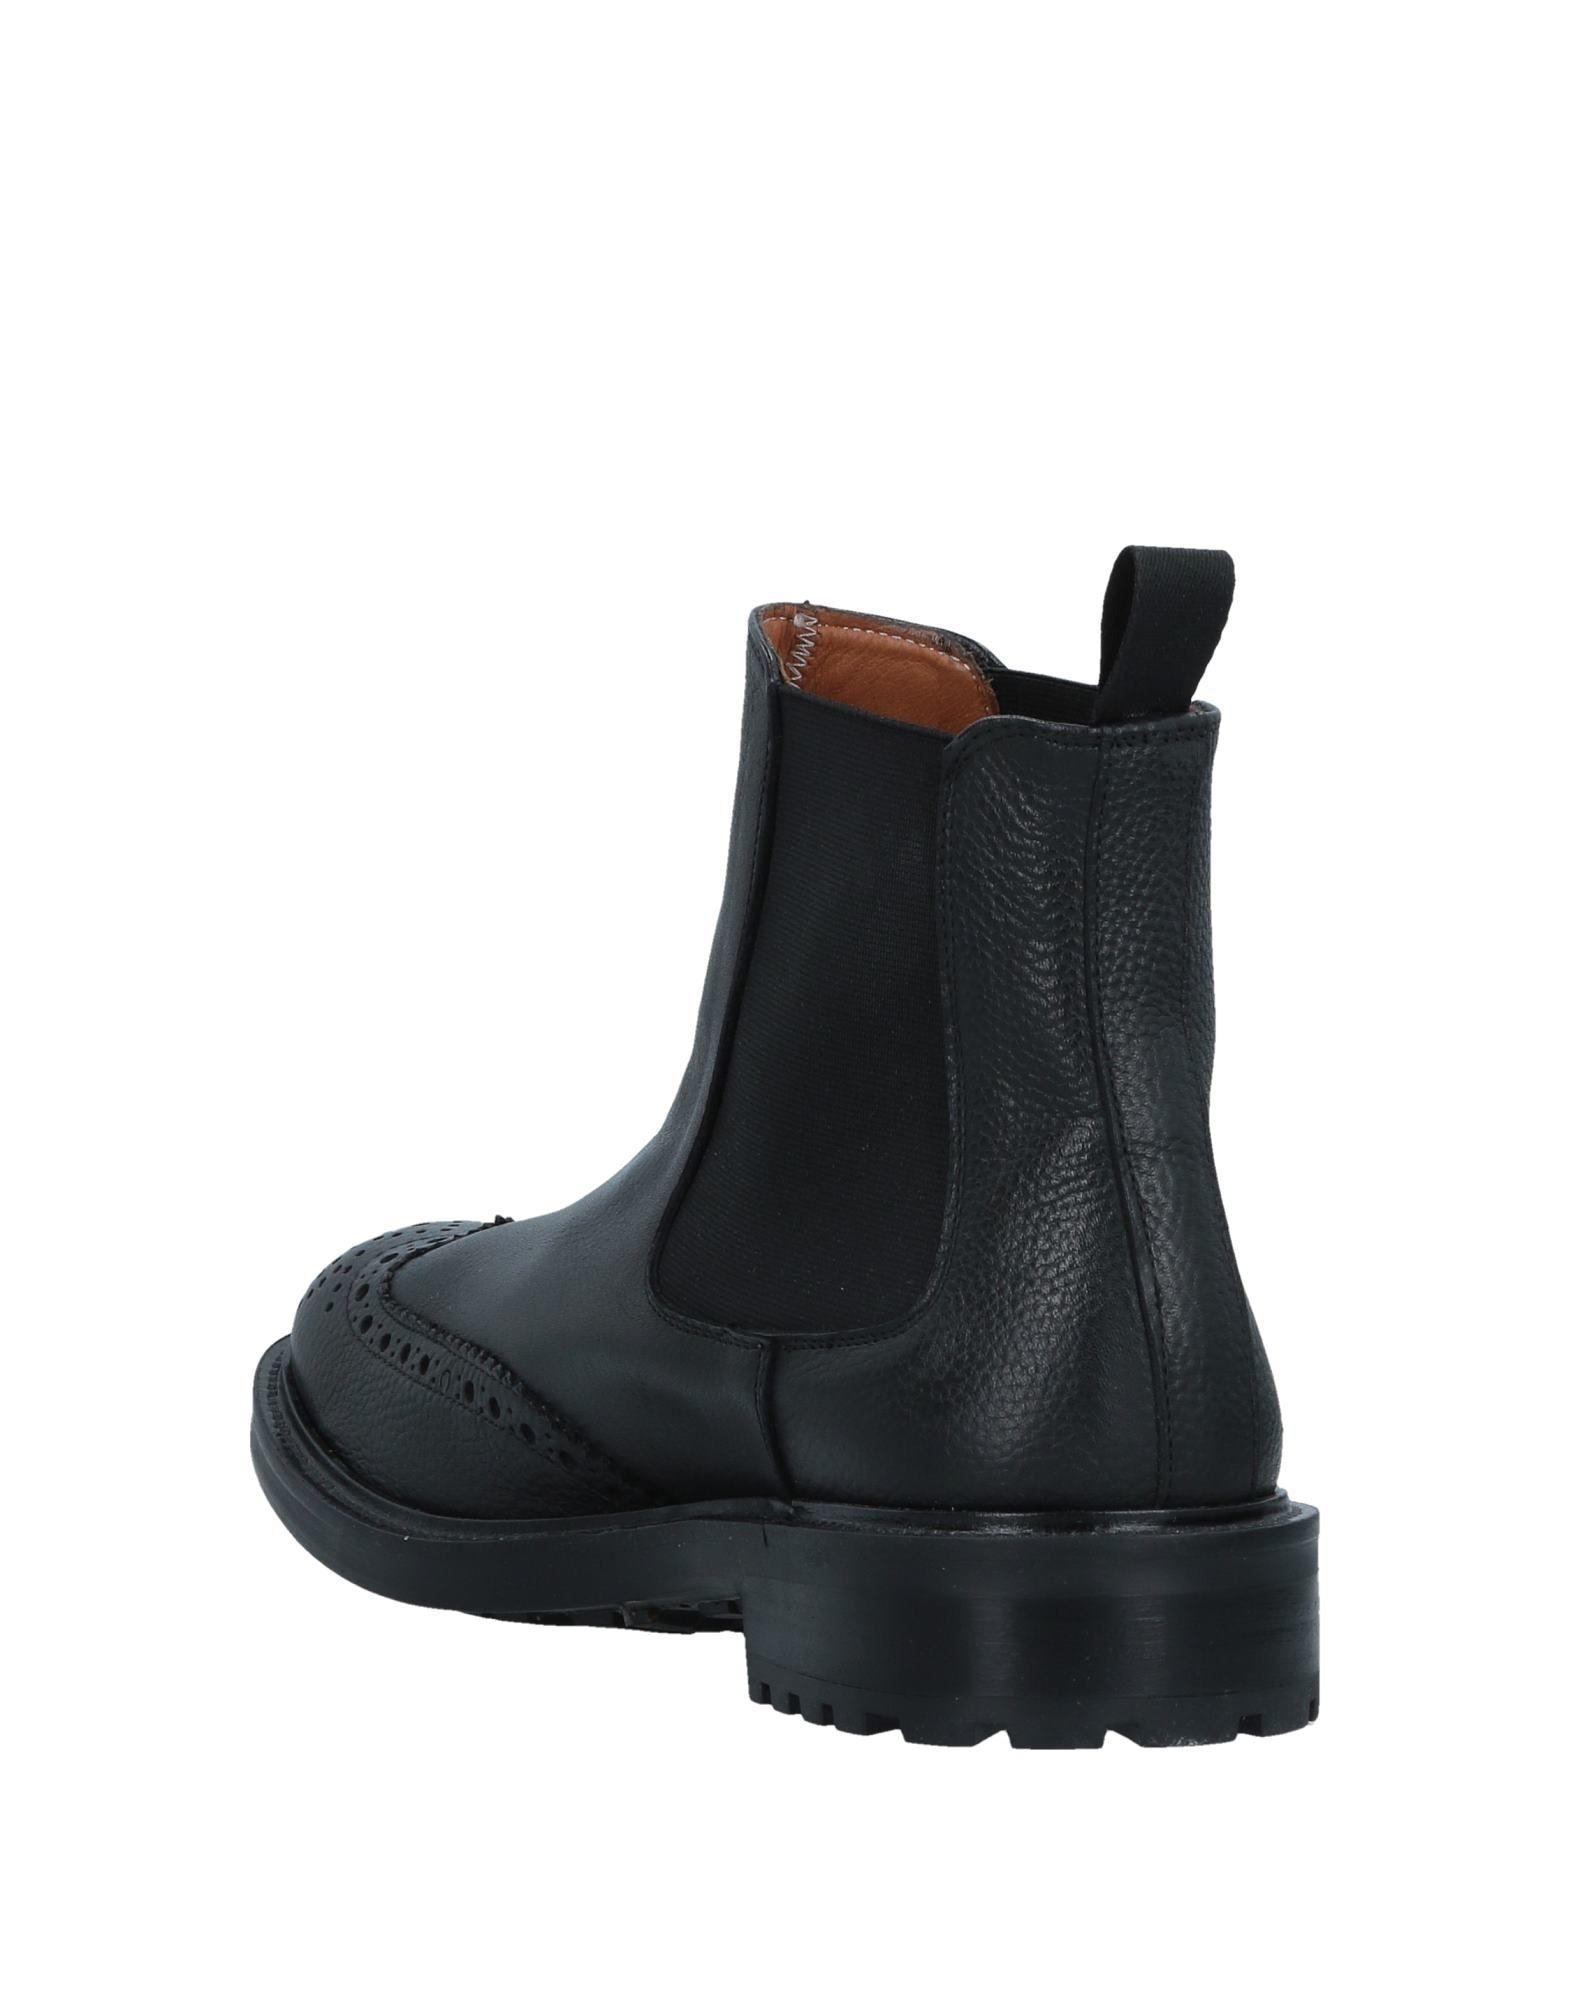 new styles a3815 ea0aa Scarpe Scarpe Scarpe economiche e resistenti Stivaletti ...